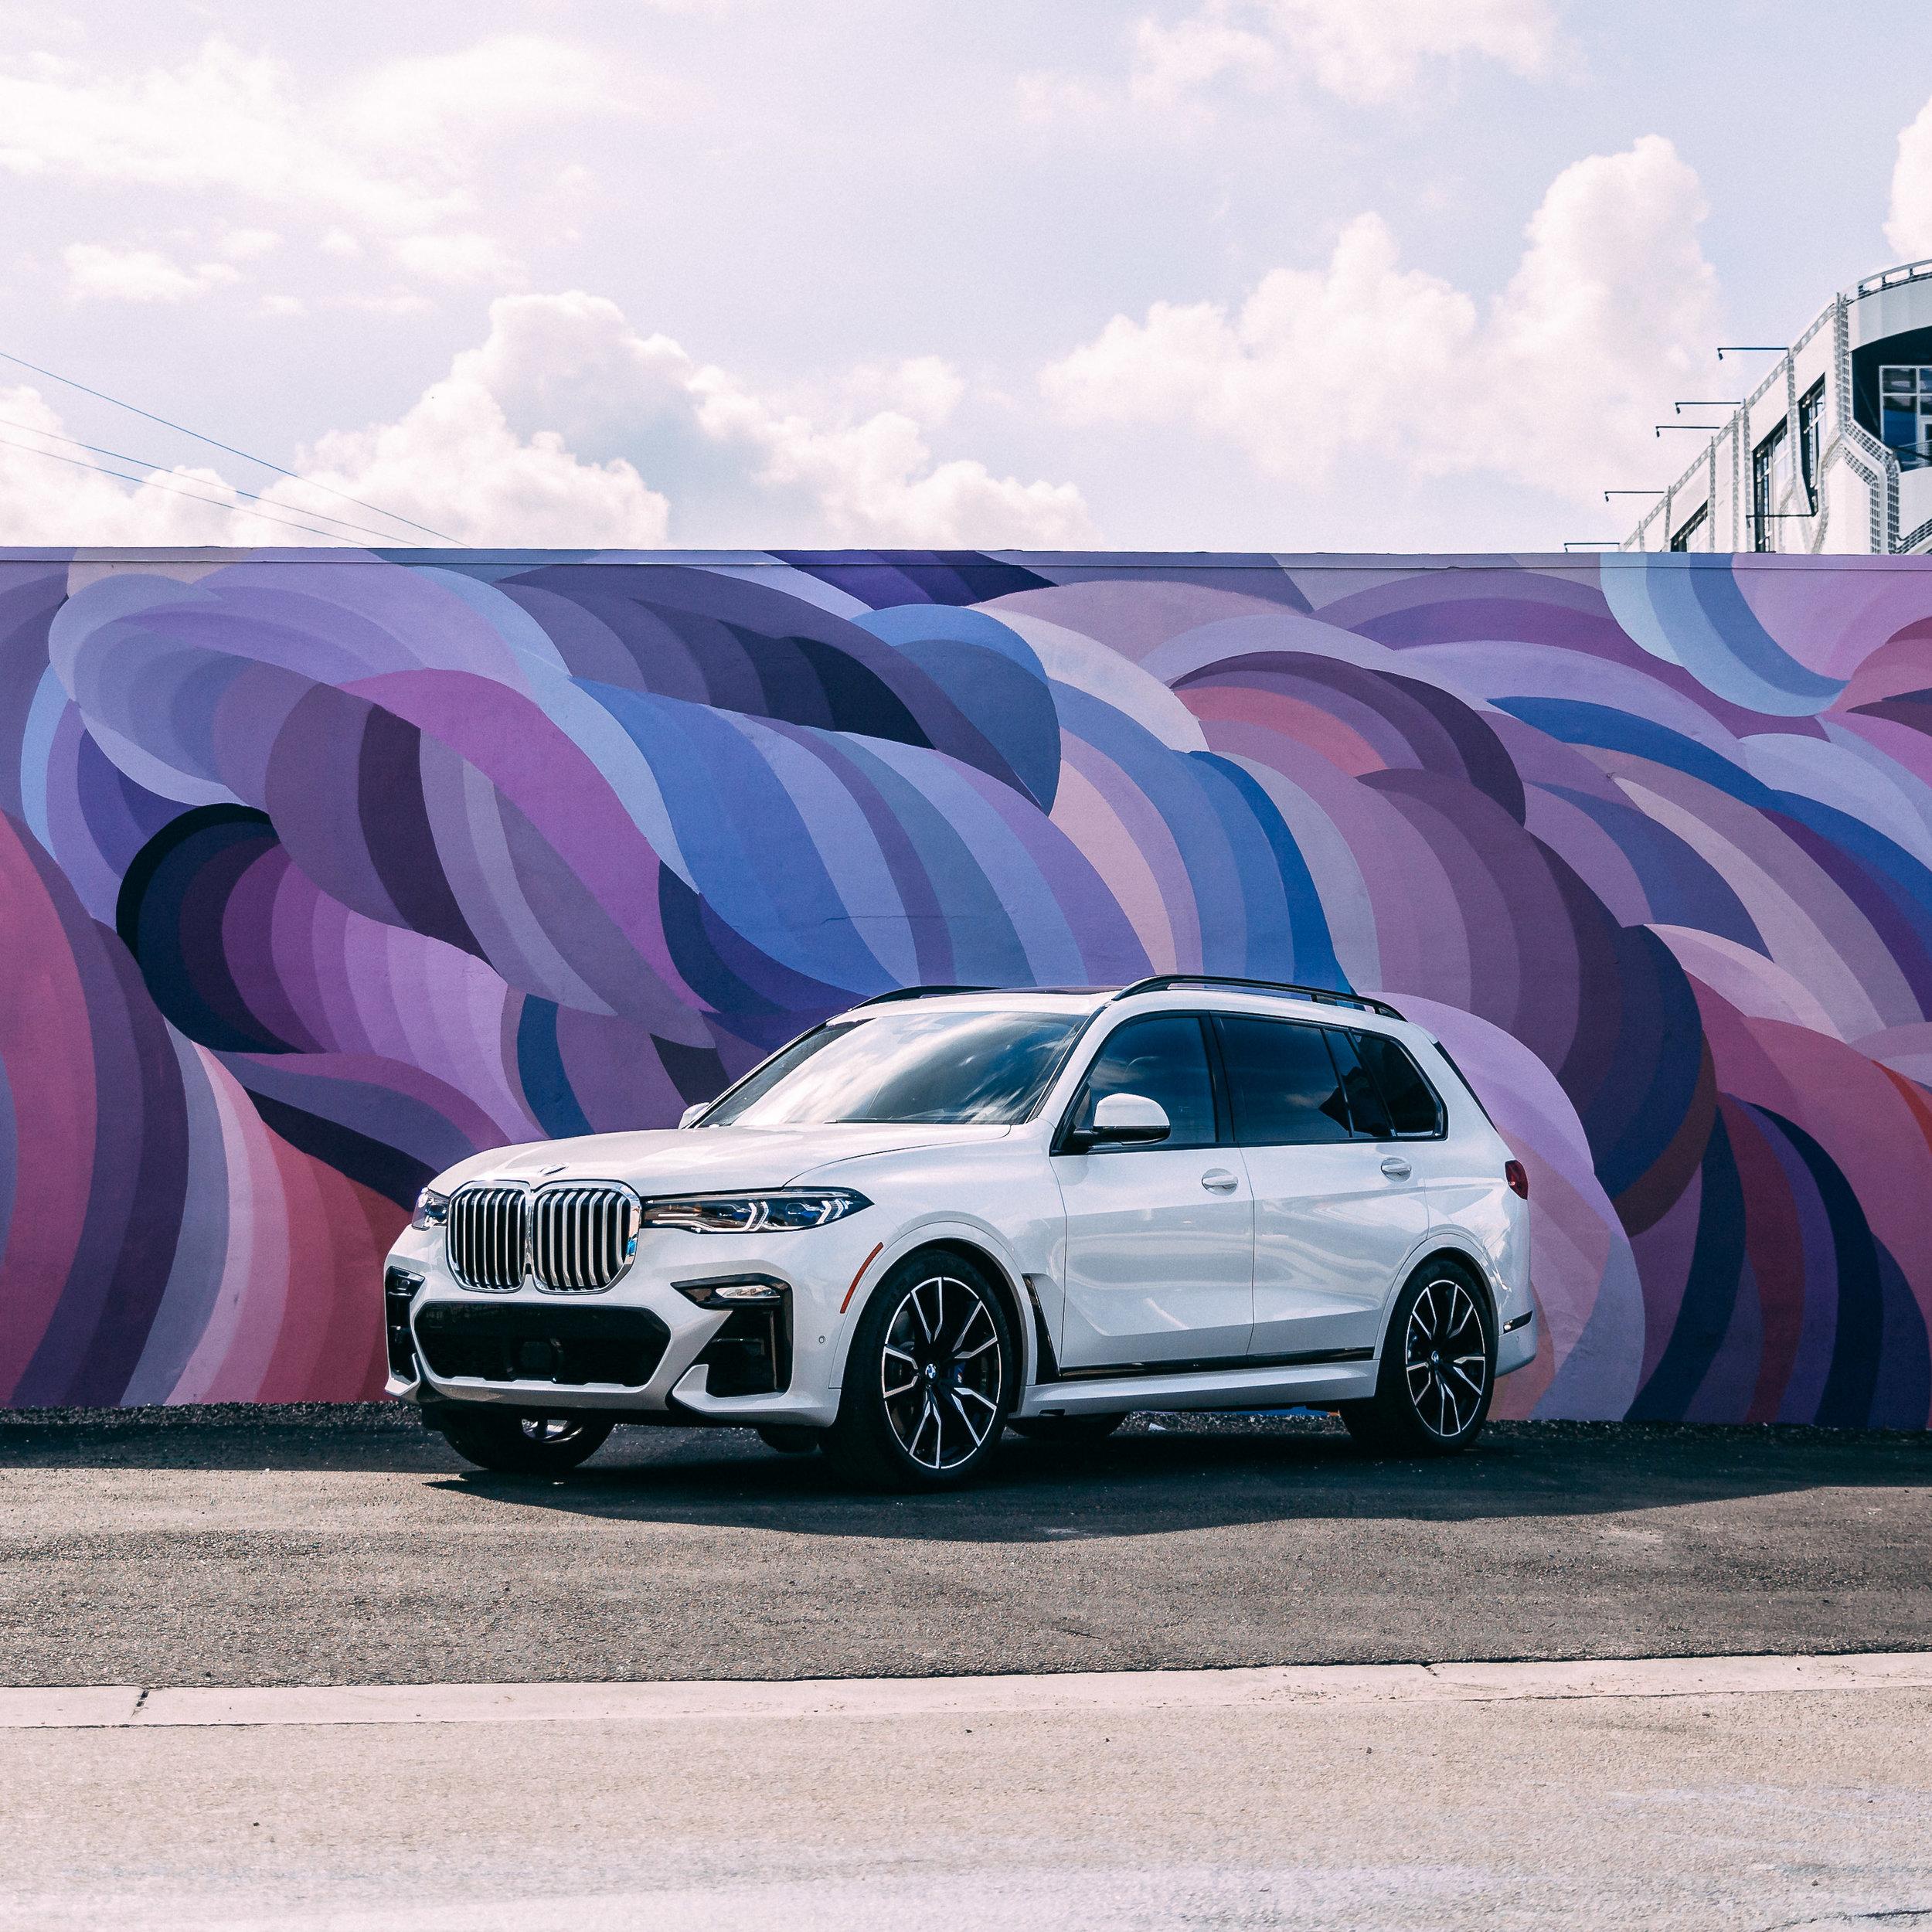 BMW_Art-Basel_5191-1x1.jpg